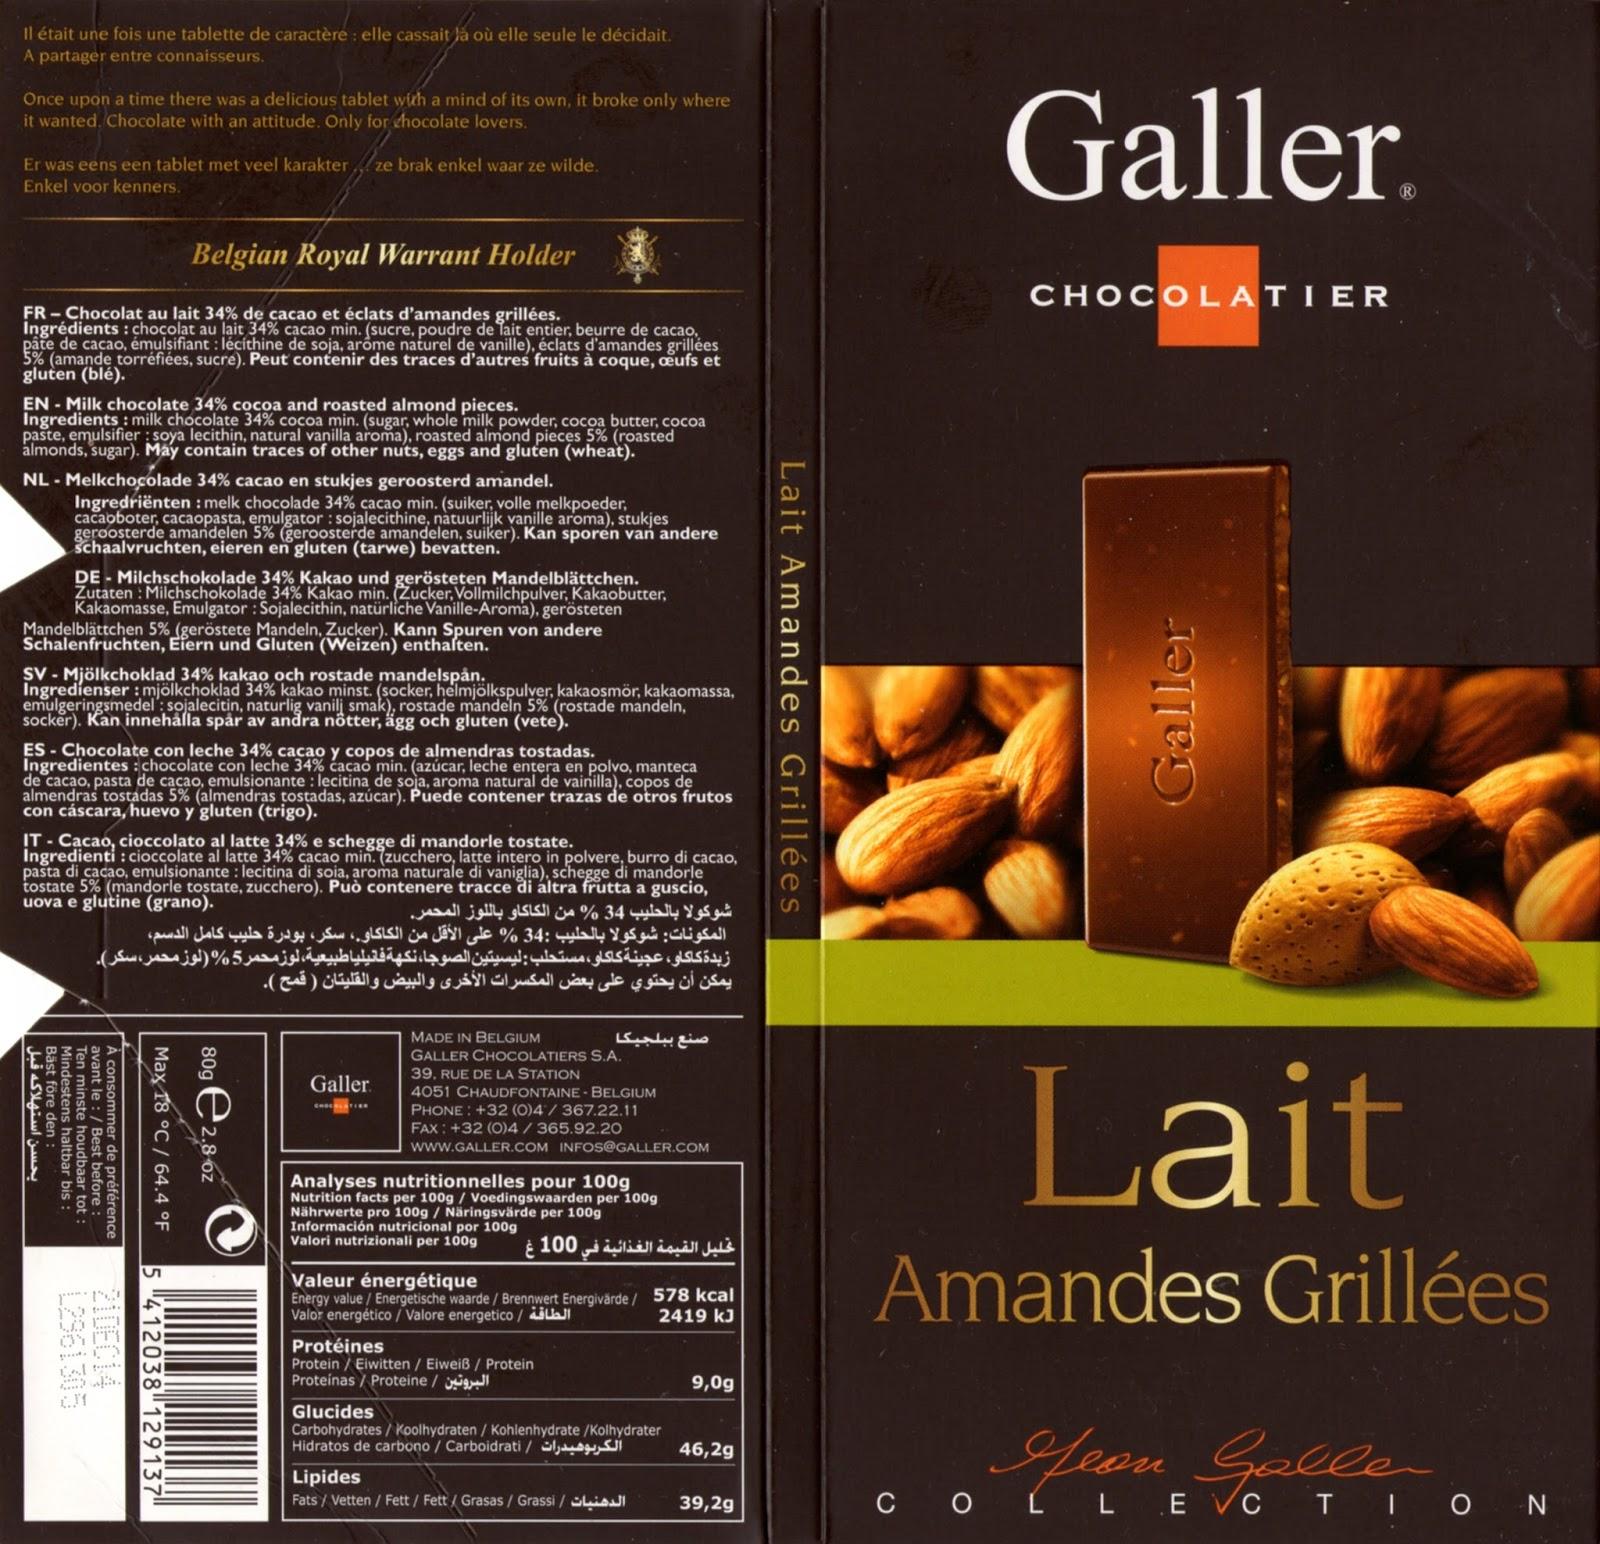 tablette de chocolat lait gourmand galler lait amandes grillées